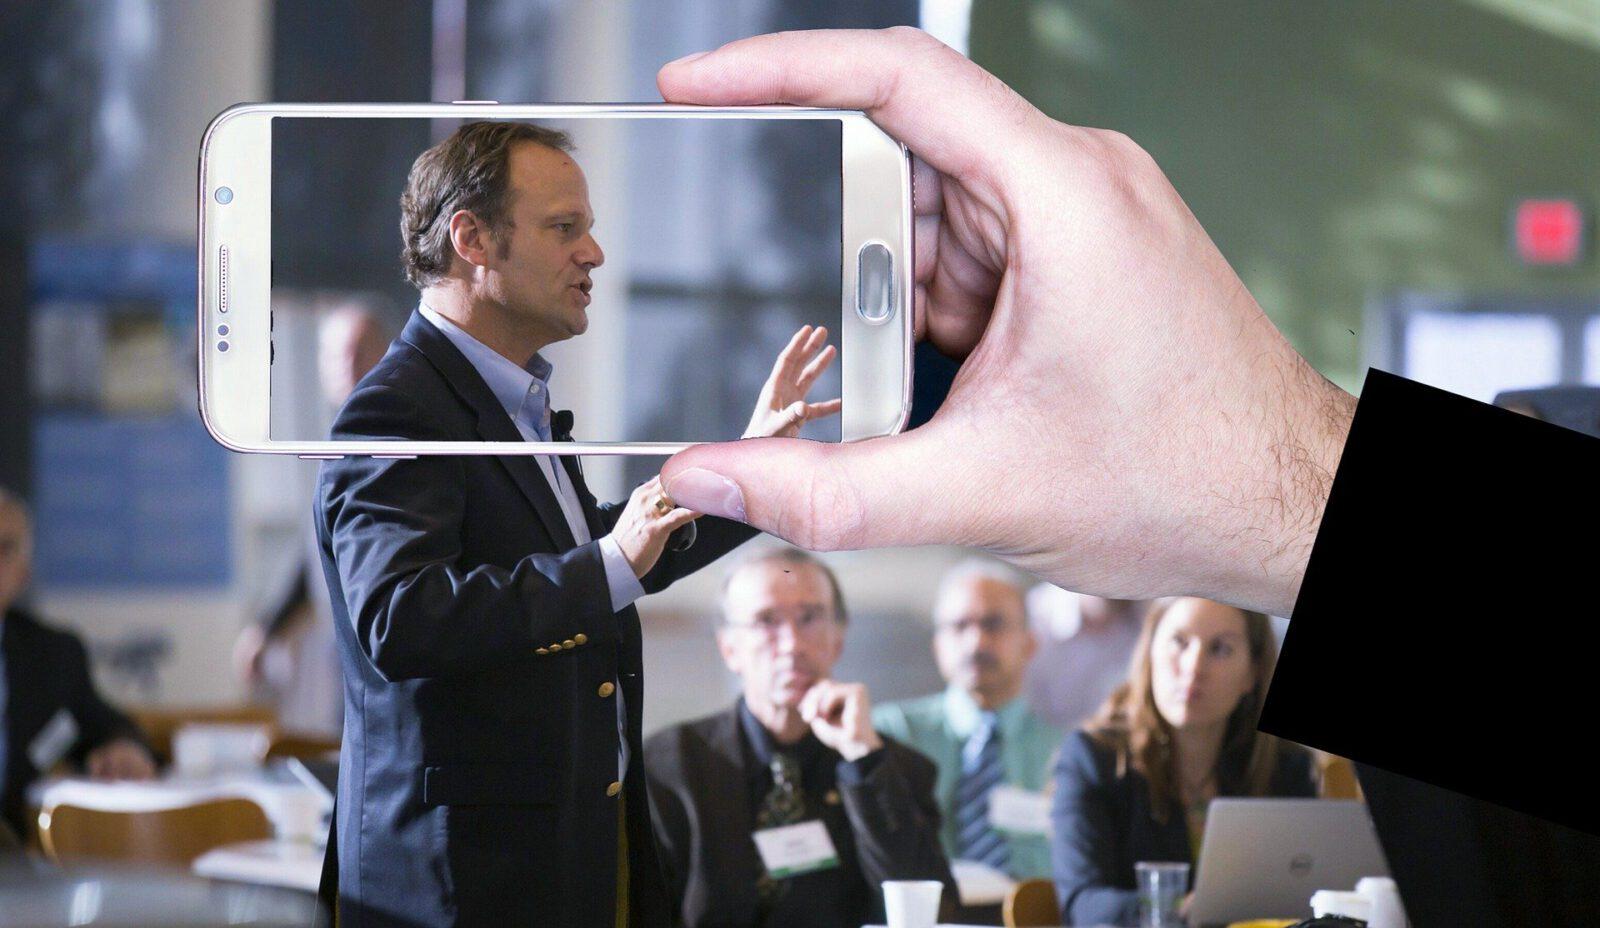 Presentatie maatwerk training online en fysiek